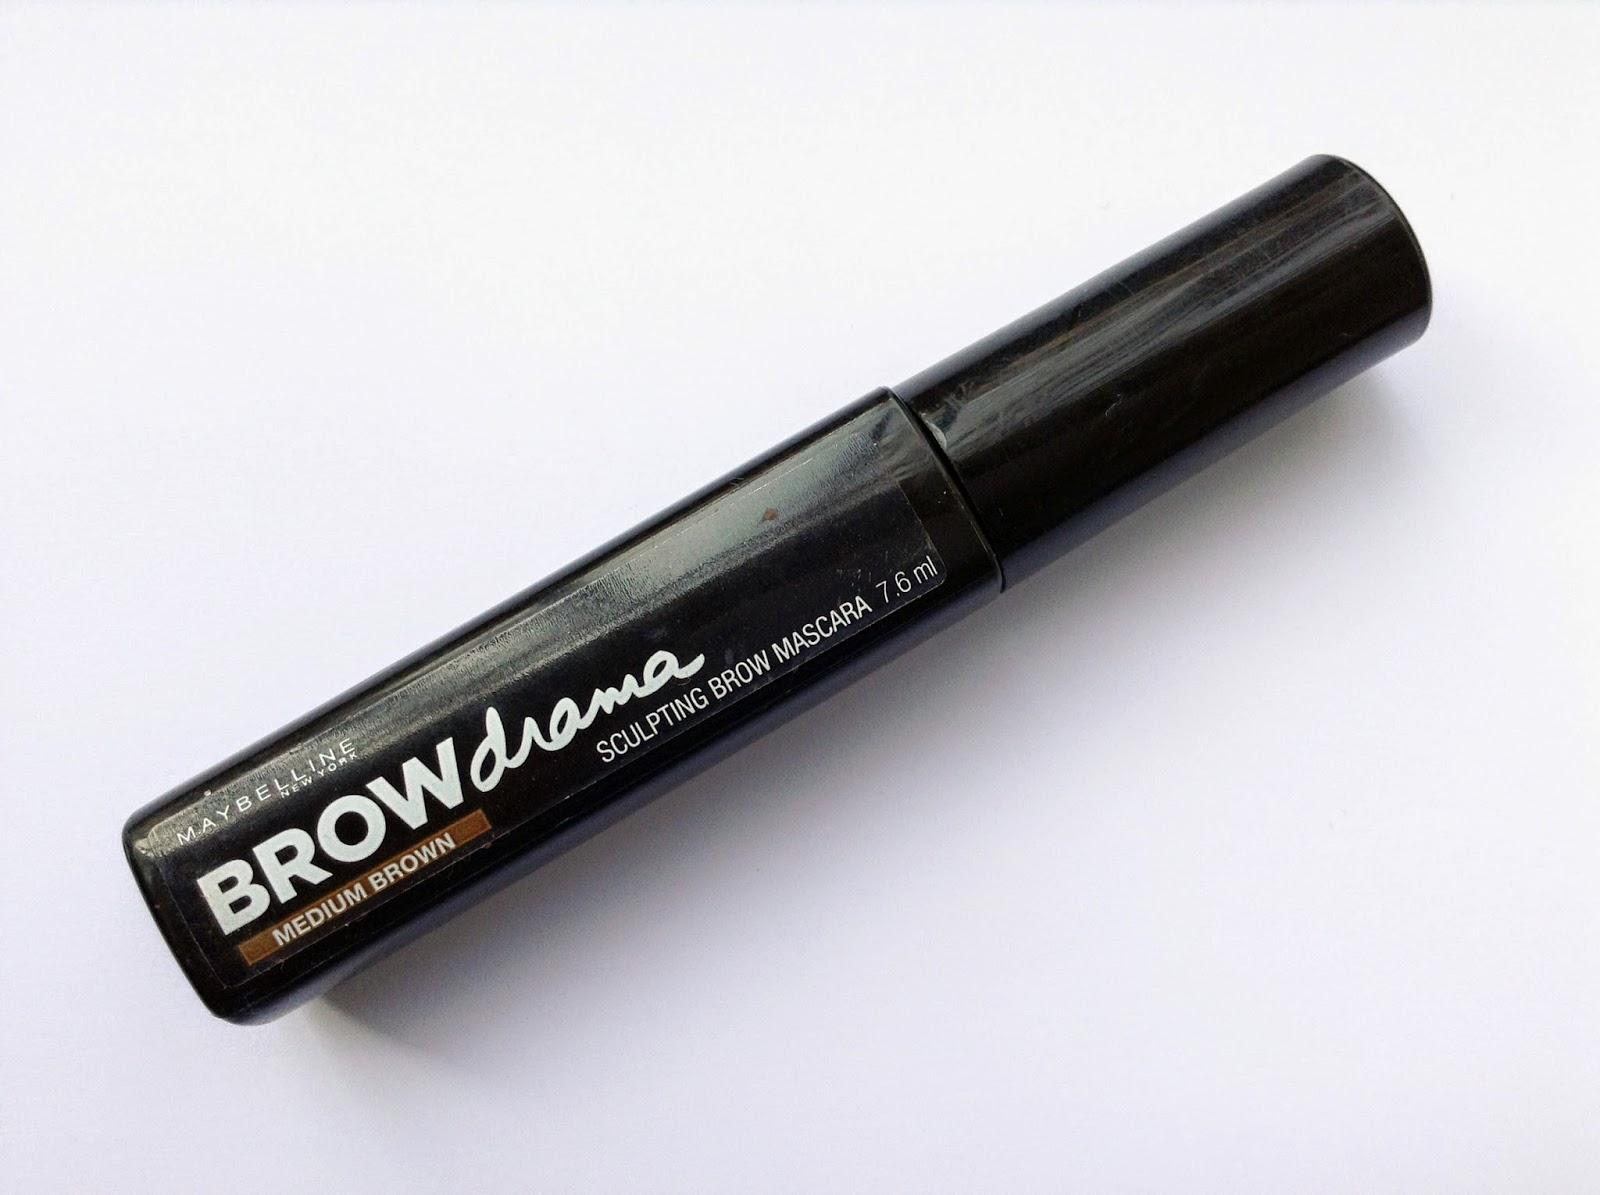 browdrama di maybelline, il il gel mascara di maybelline per sopracciglia